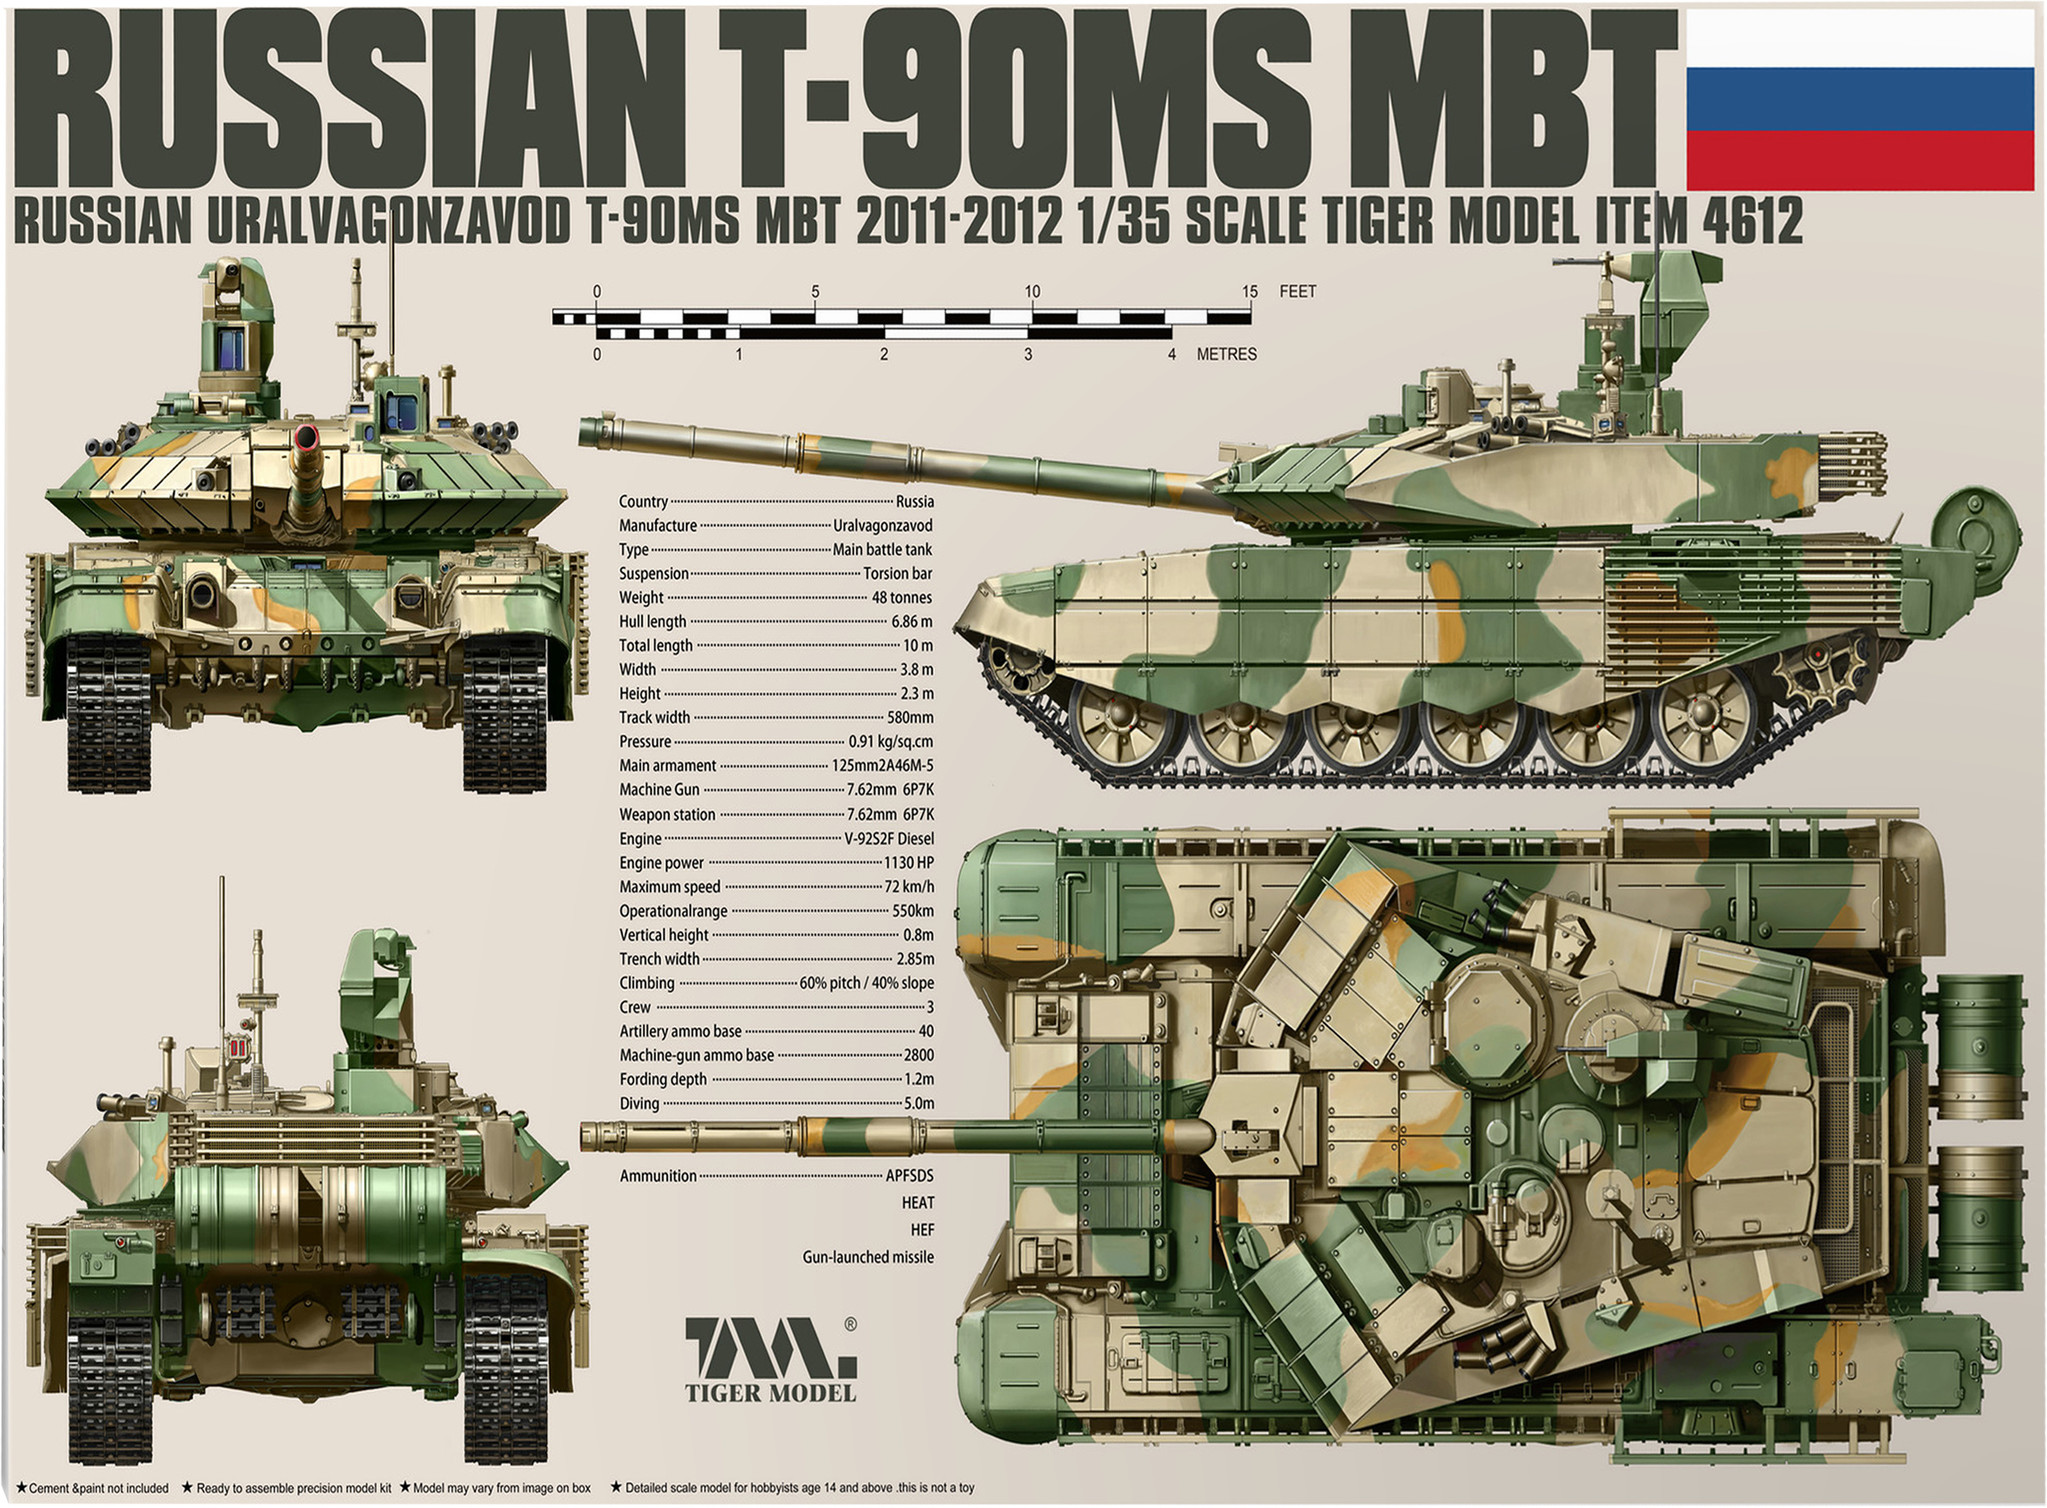 Tiger Model T-90Ms Mbt - Tiger Model - Scale 1/35 - TIGE4612